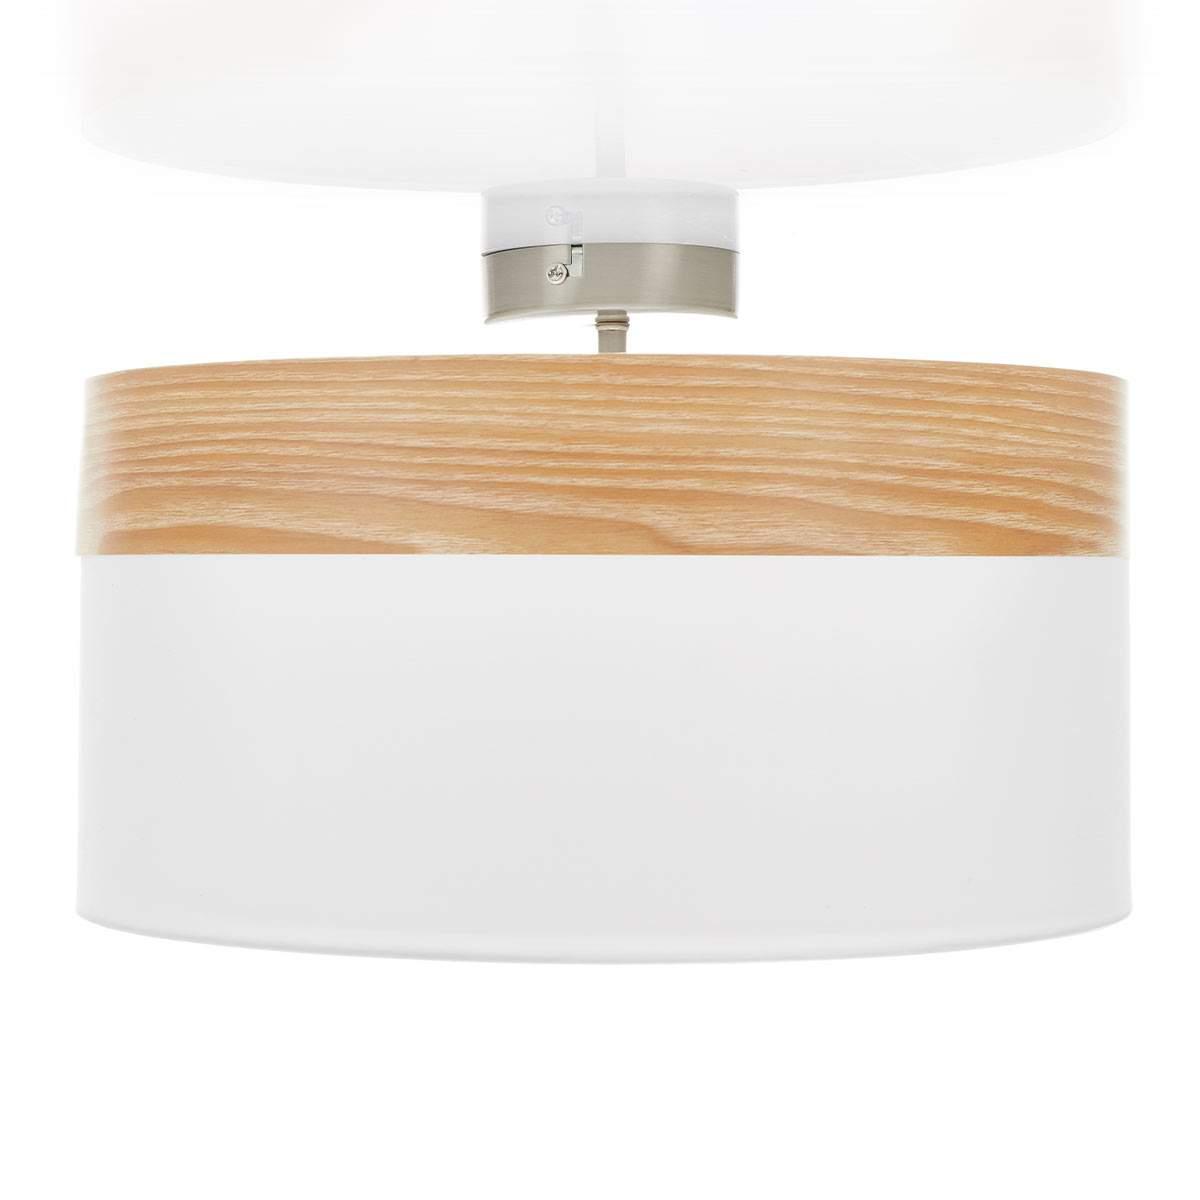 Plafoniera distanziata Libba legno-crema Illuminazione per interni